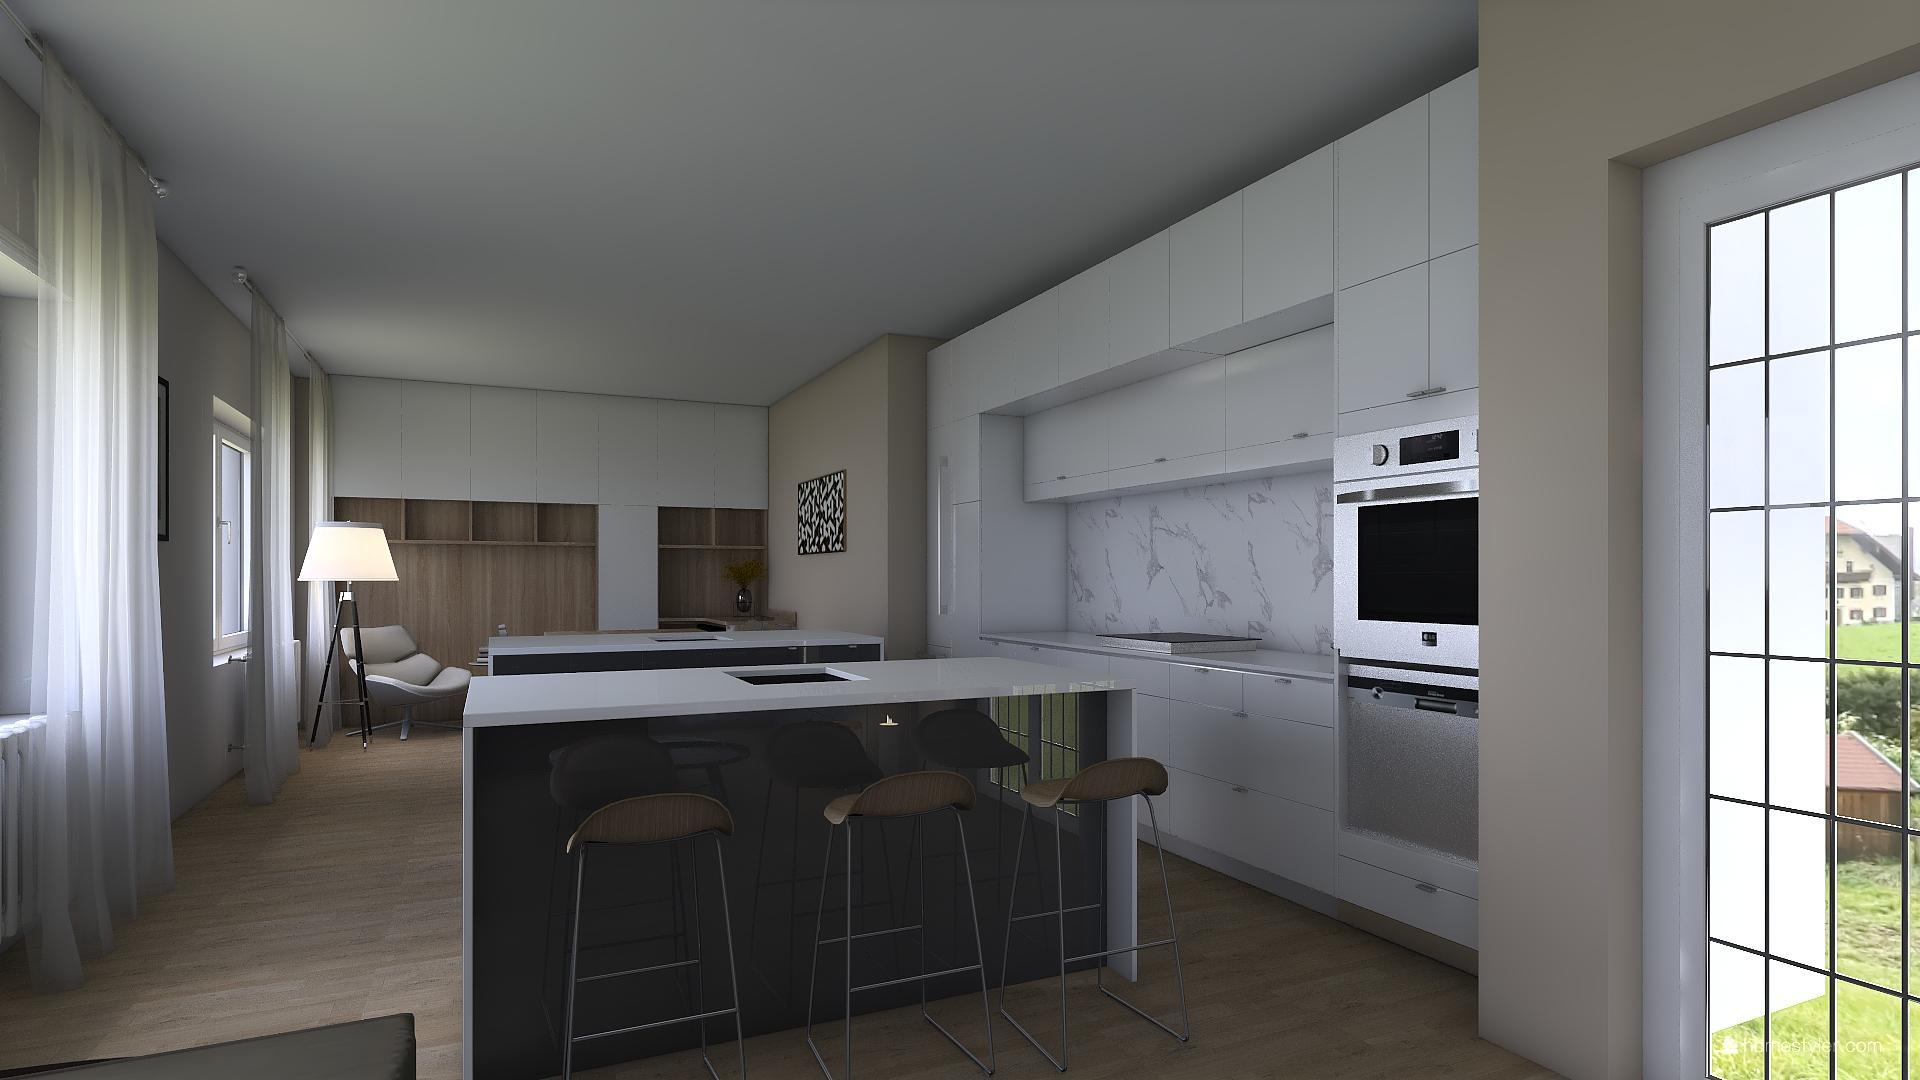 Vizualizace obýváku s kuchyní pro @iuanecka - Obrázek č. 8